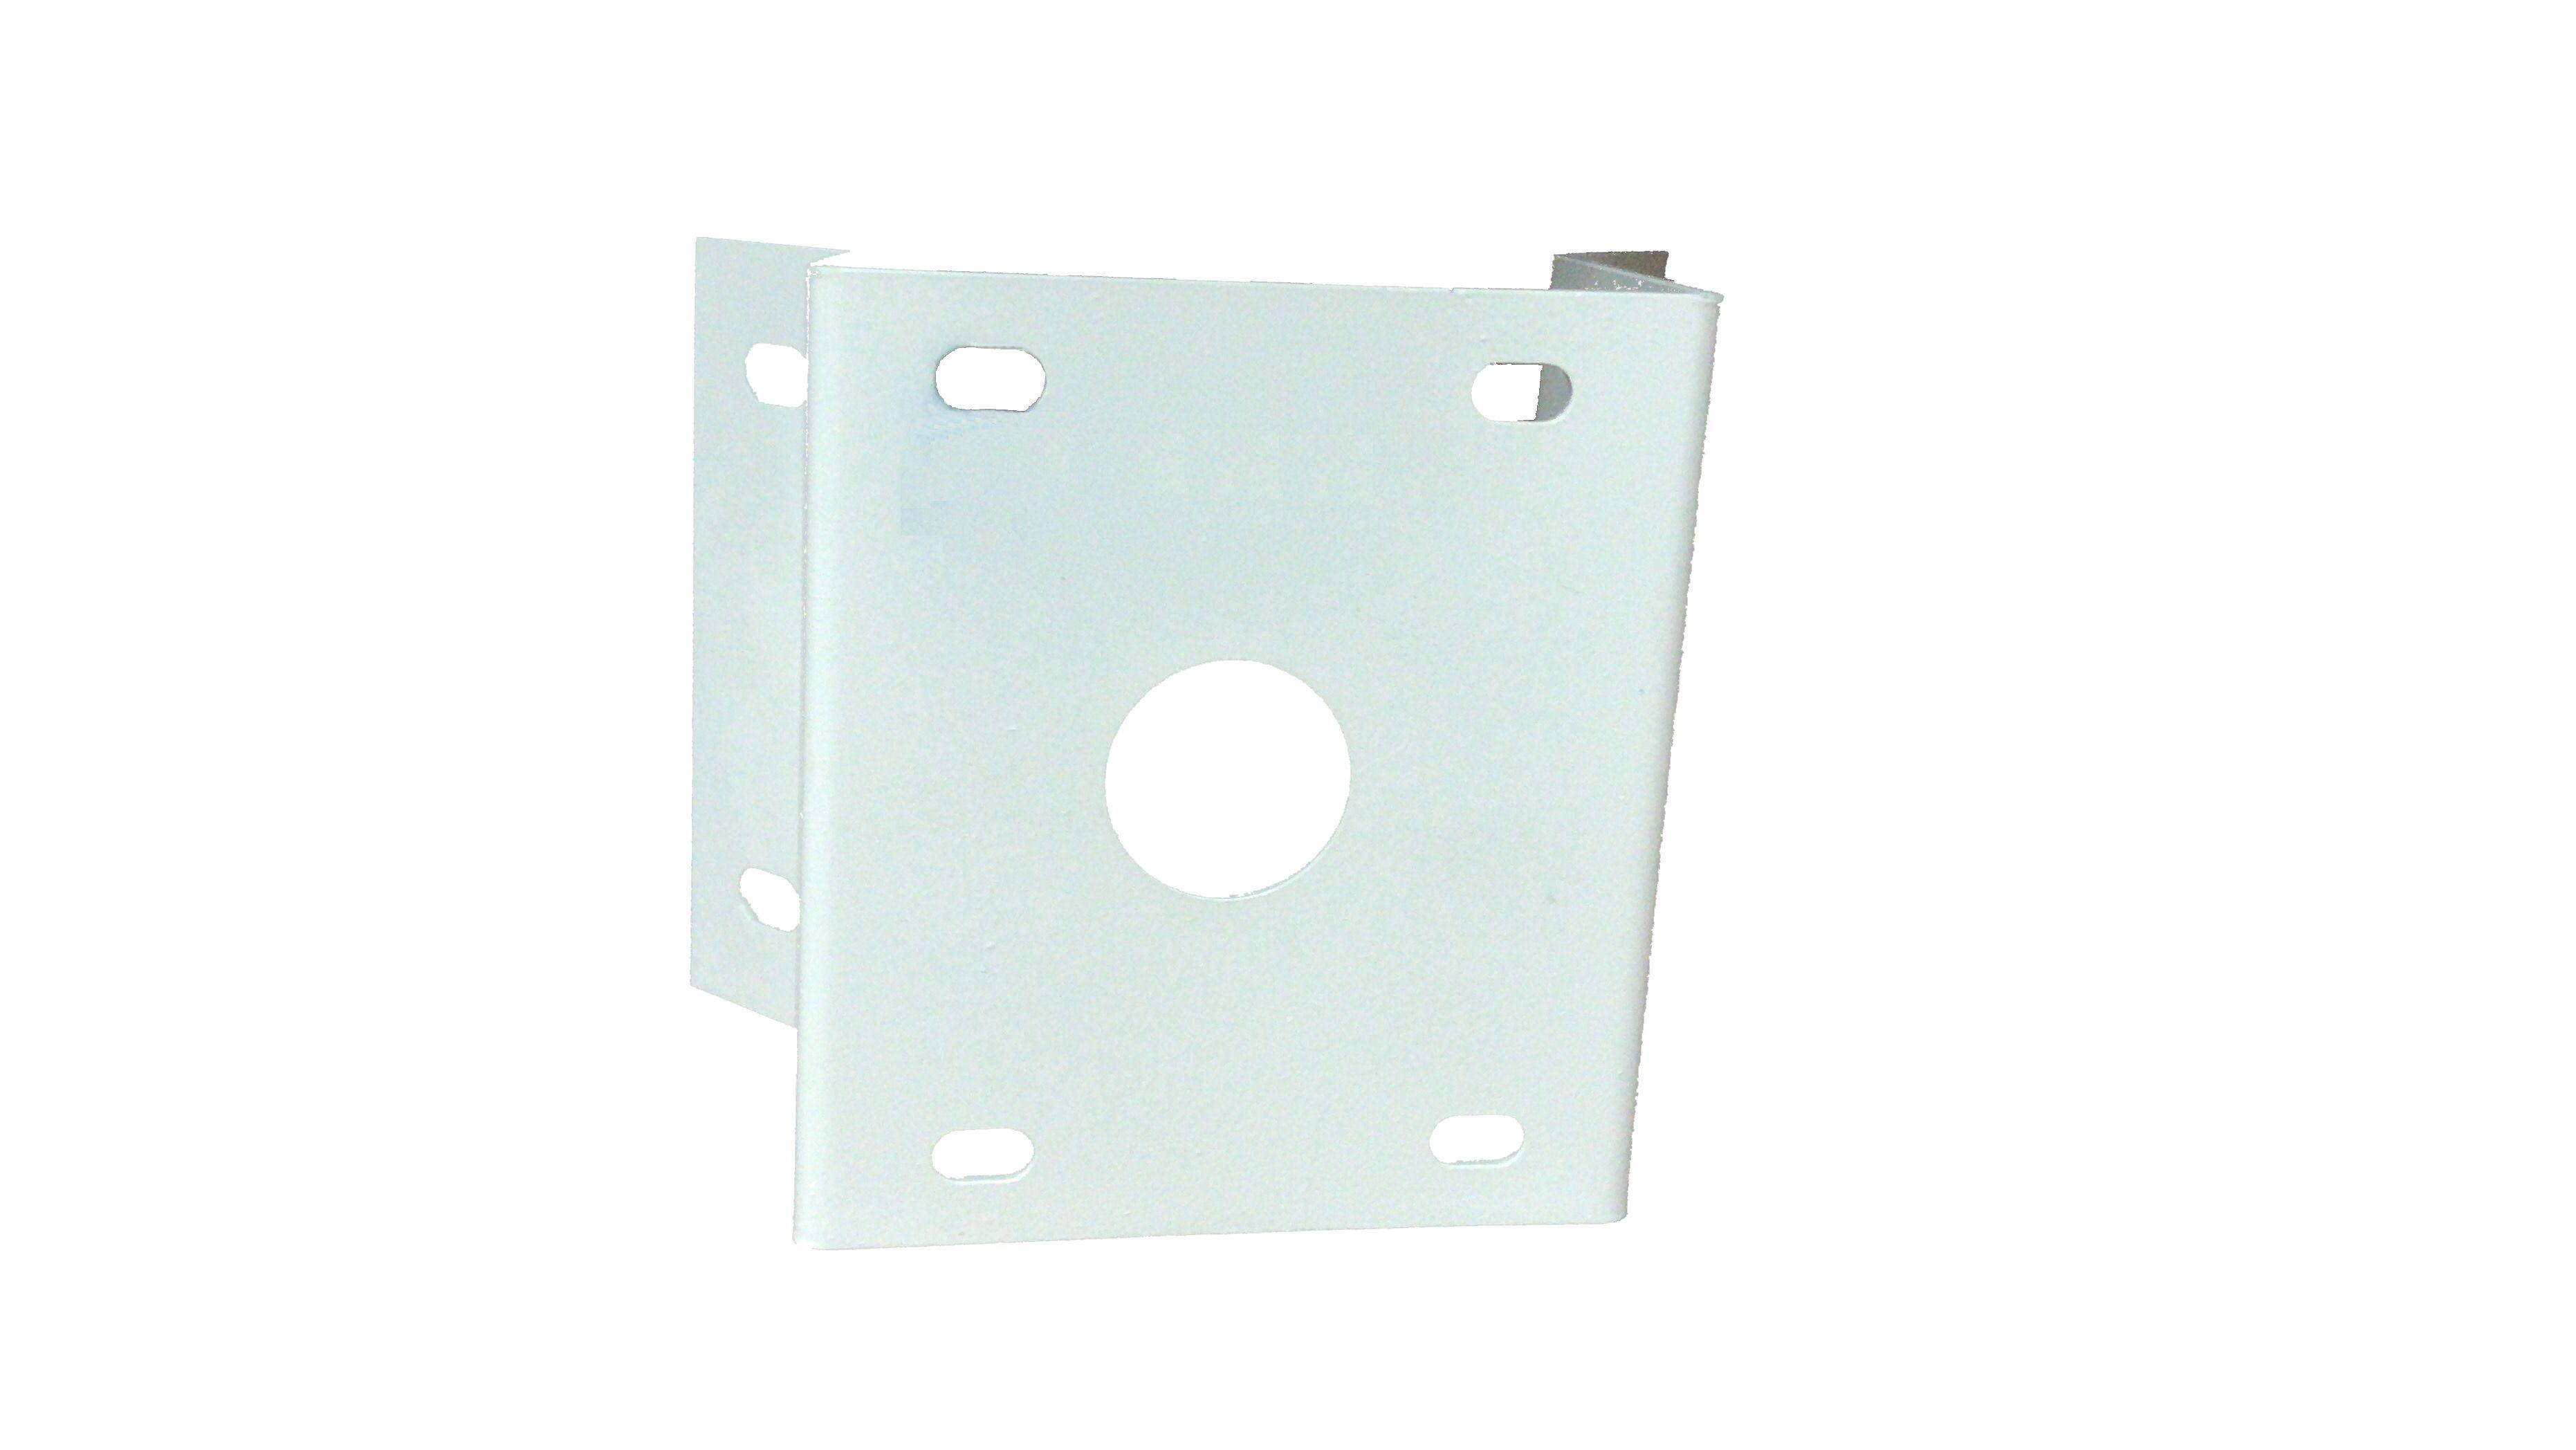 Jovision EH024-DI - Montage - Universal - Wei? - Jovision - JVS-N85-DI - JVS-B41-HF - Aluminium